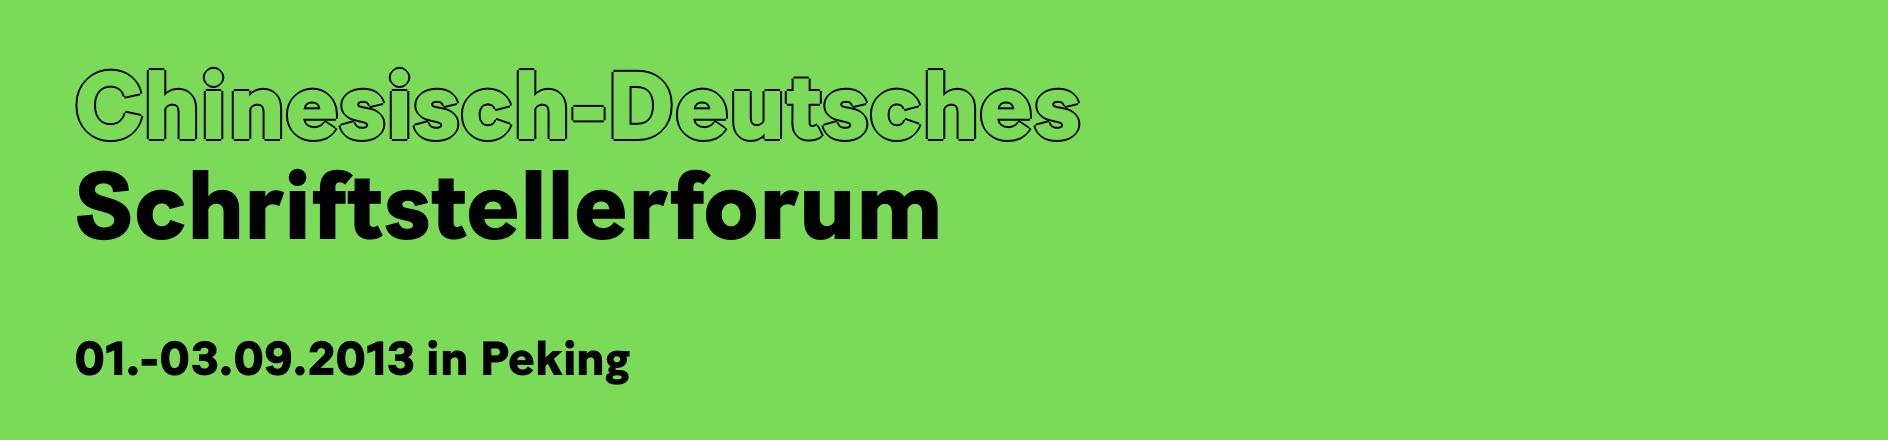 Chinesisch-Deutsches Schriftstellerforum,